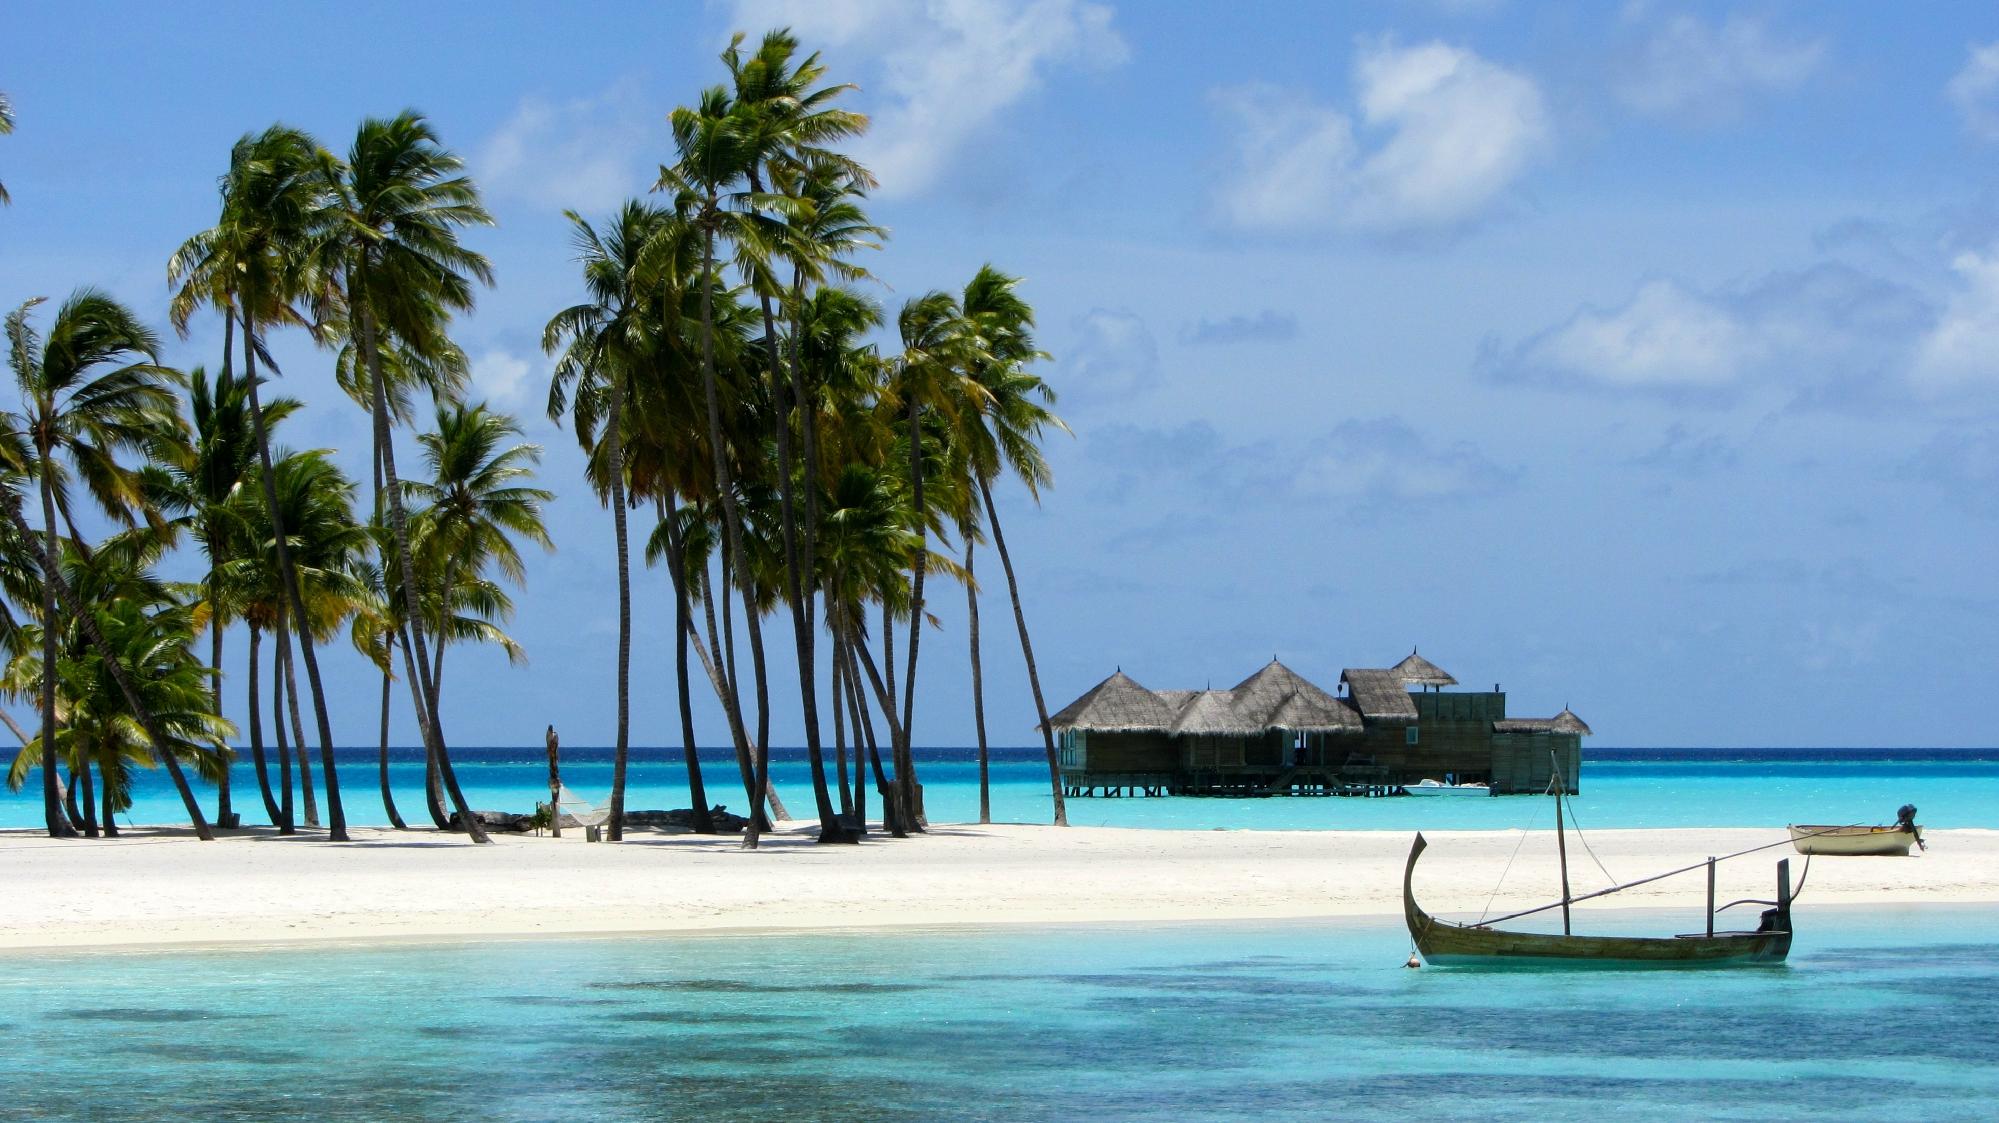 Un Complexe Hôtelier Des Maldives Couronné Par Les Prix TripAdvisor 2015